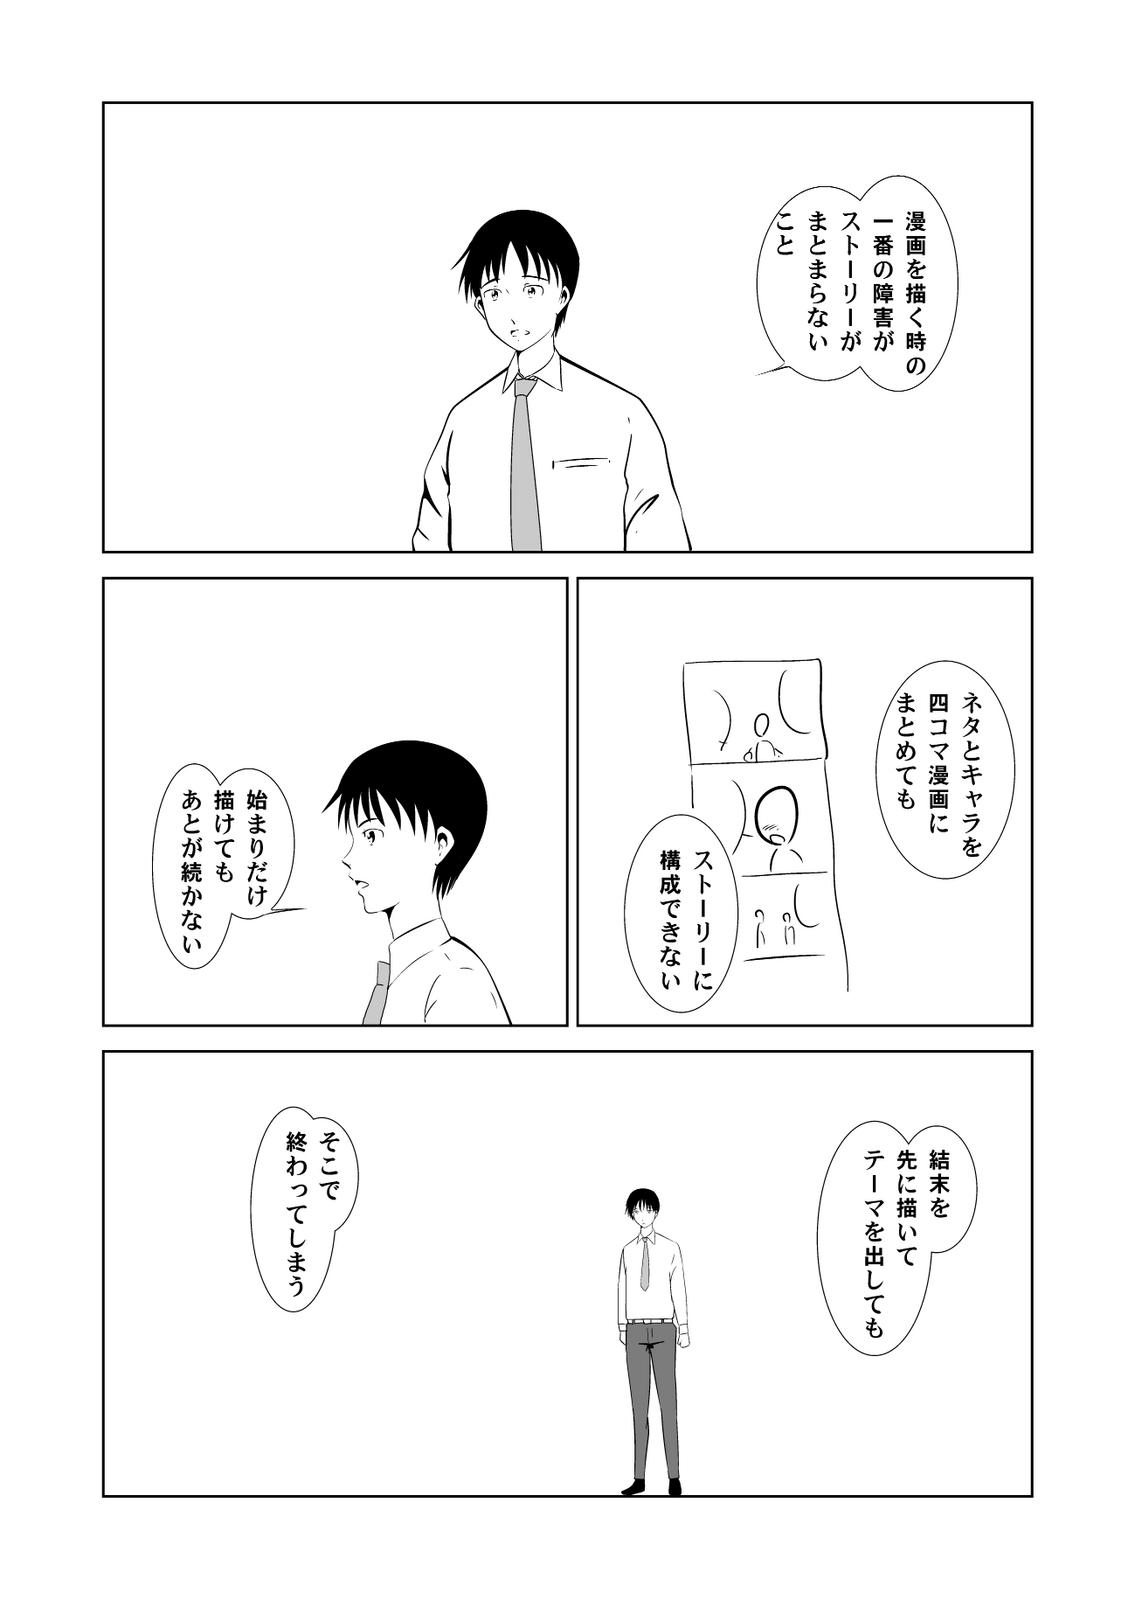 四 コマ 漫画 ネタ